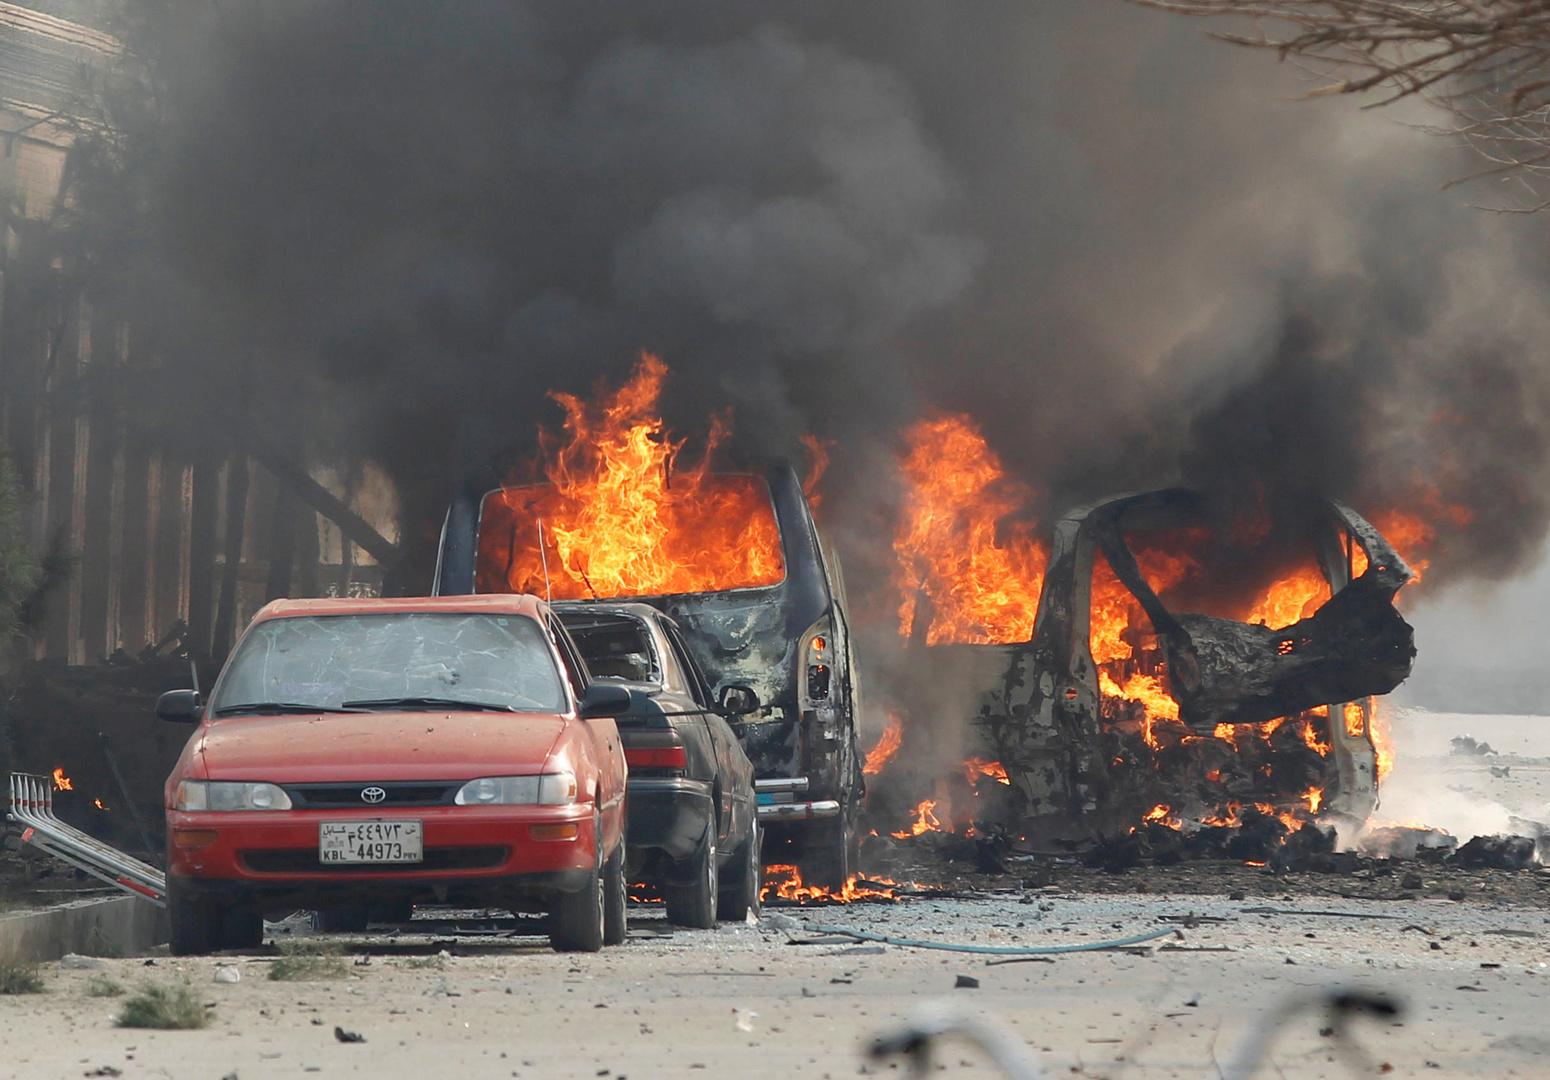 عشرات ناقلات الوقود تحترق بظروف غامضة في أفغانستان قرب الحدود الإيرانية